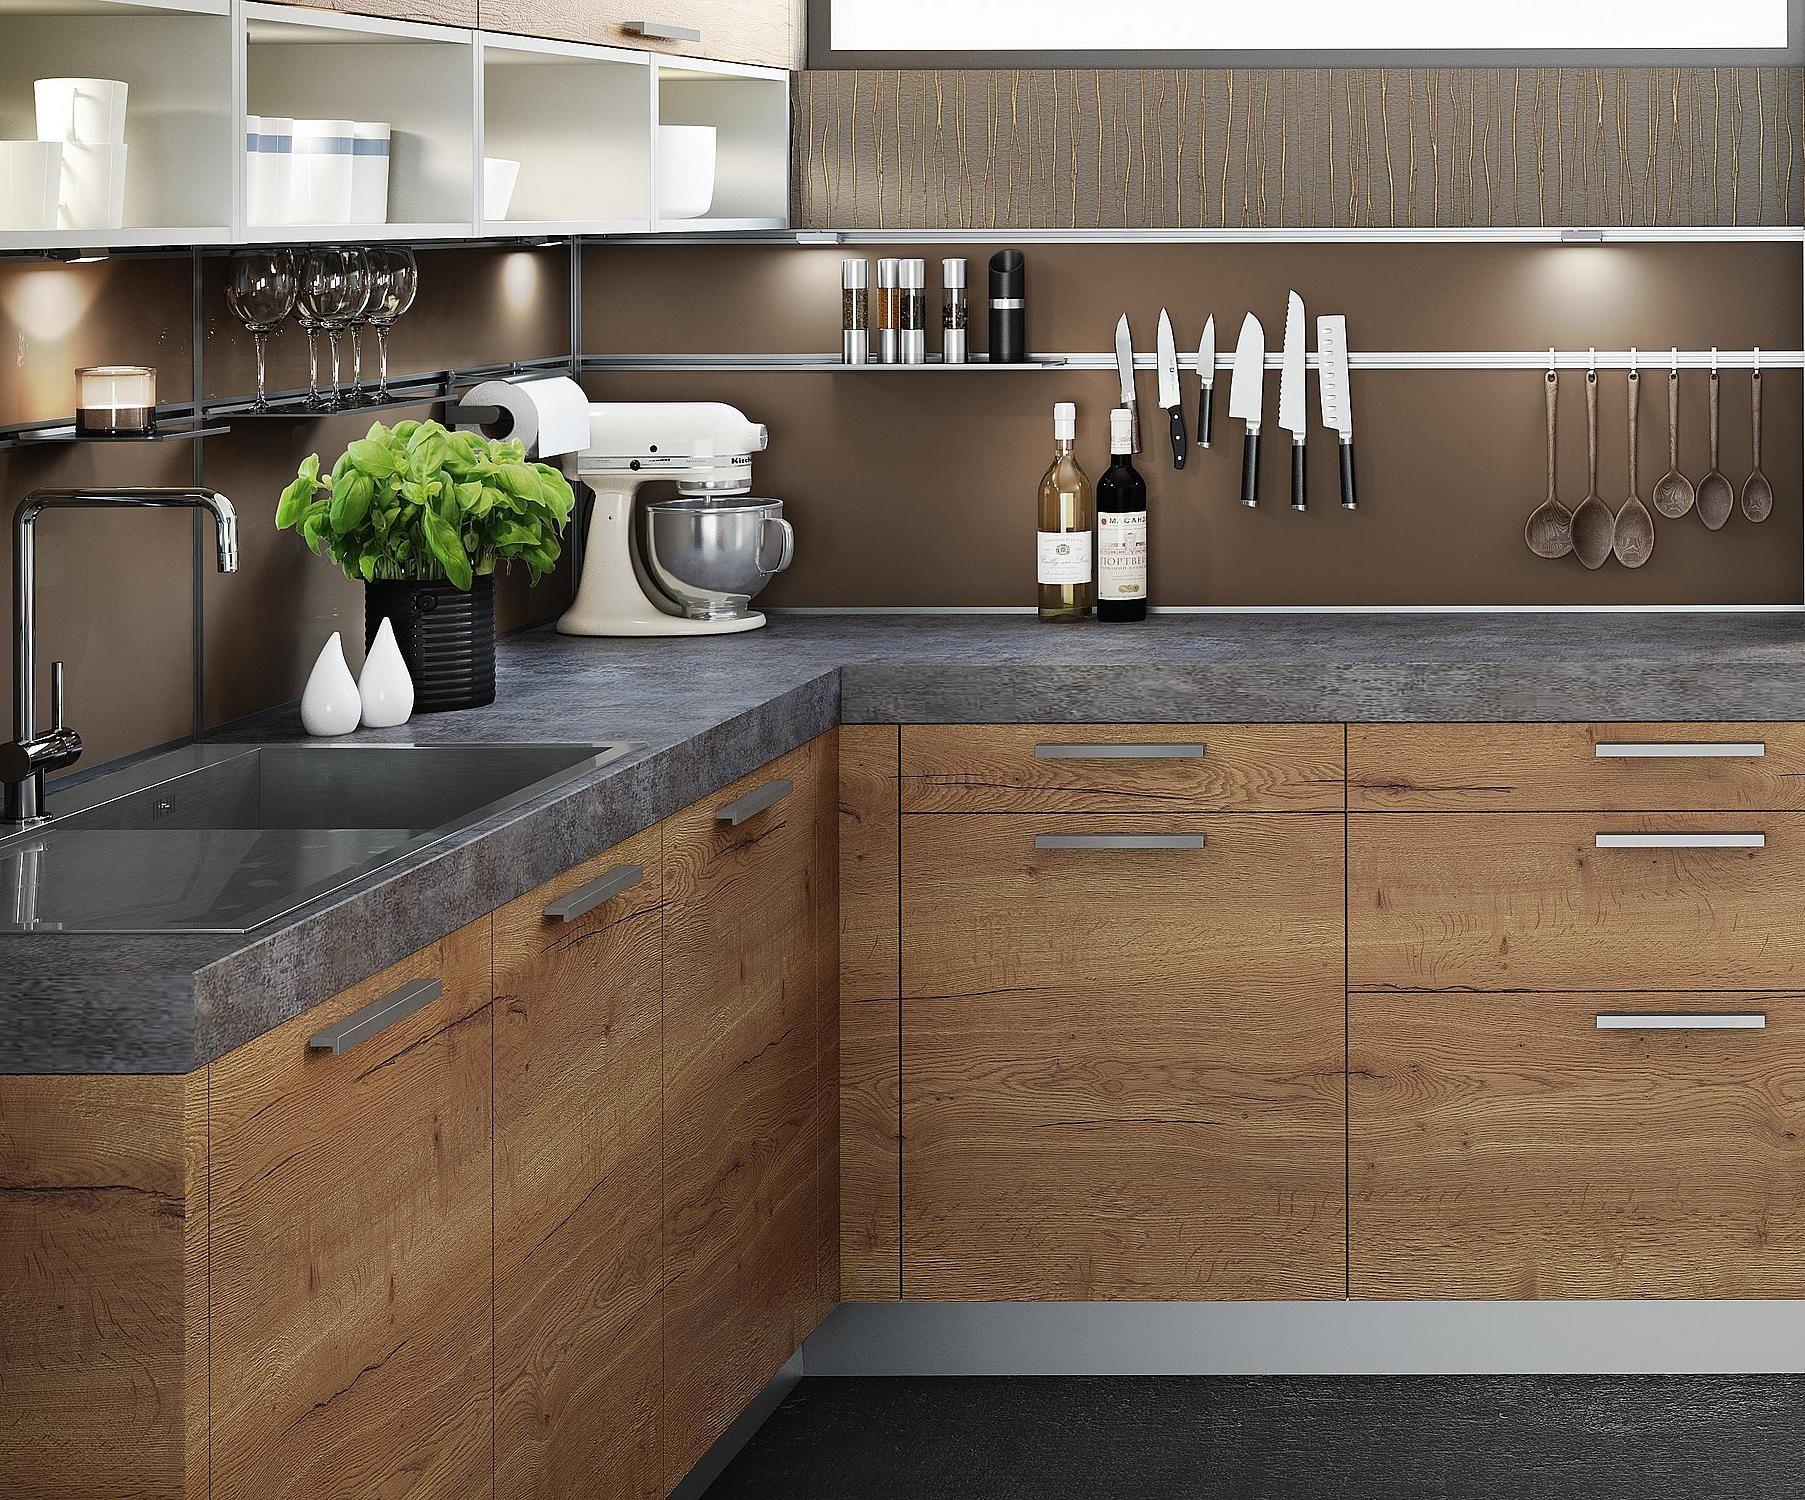 Küchenideen eiche moderne küchen designküchen bei laserer  zukünftige projekte in